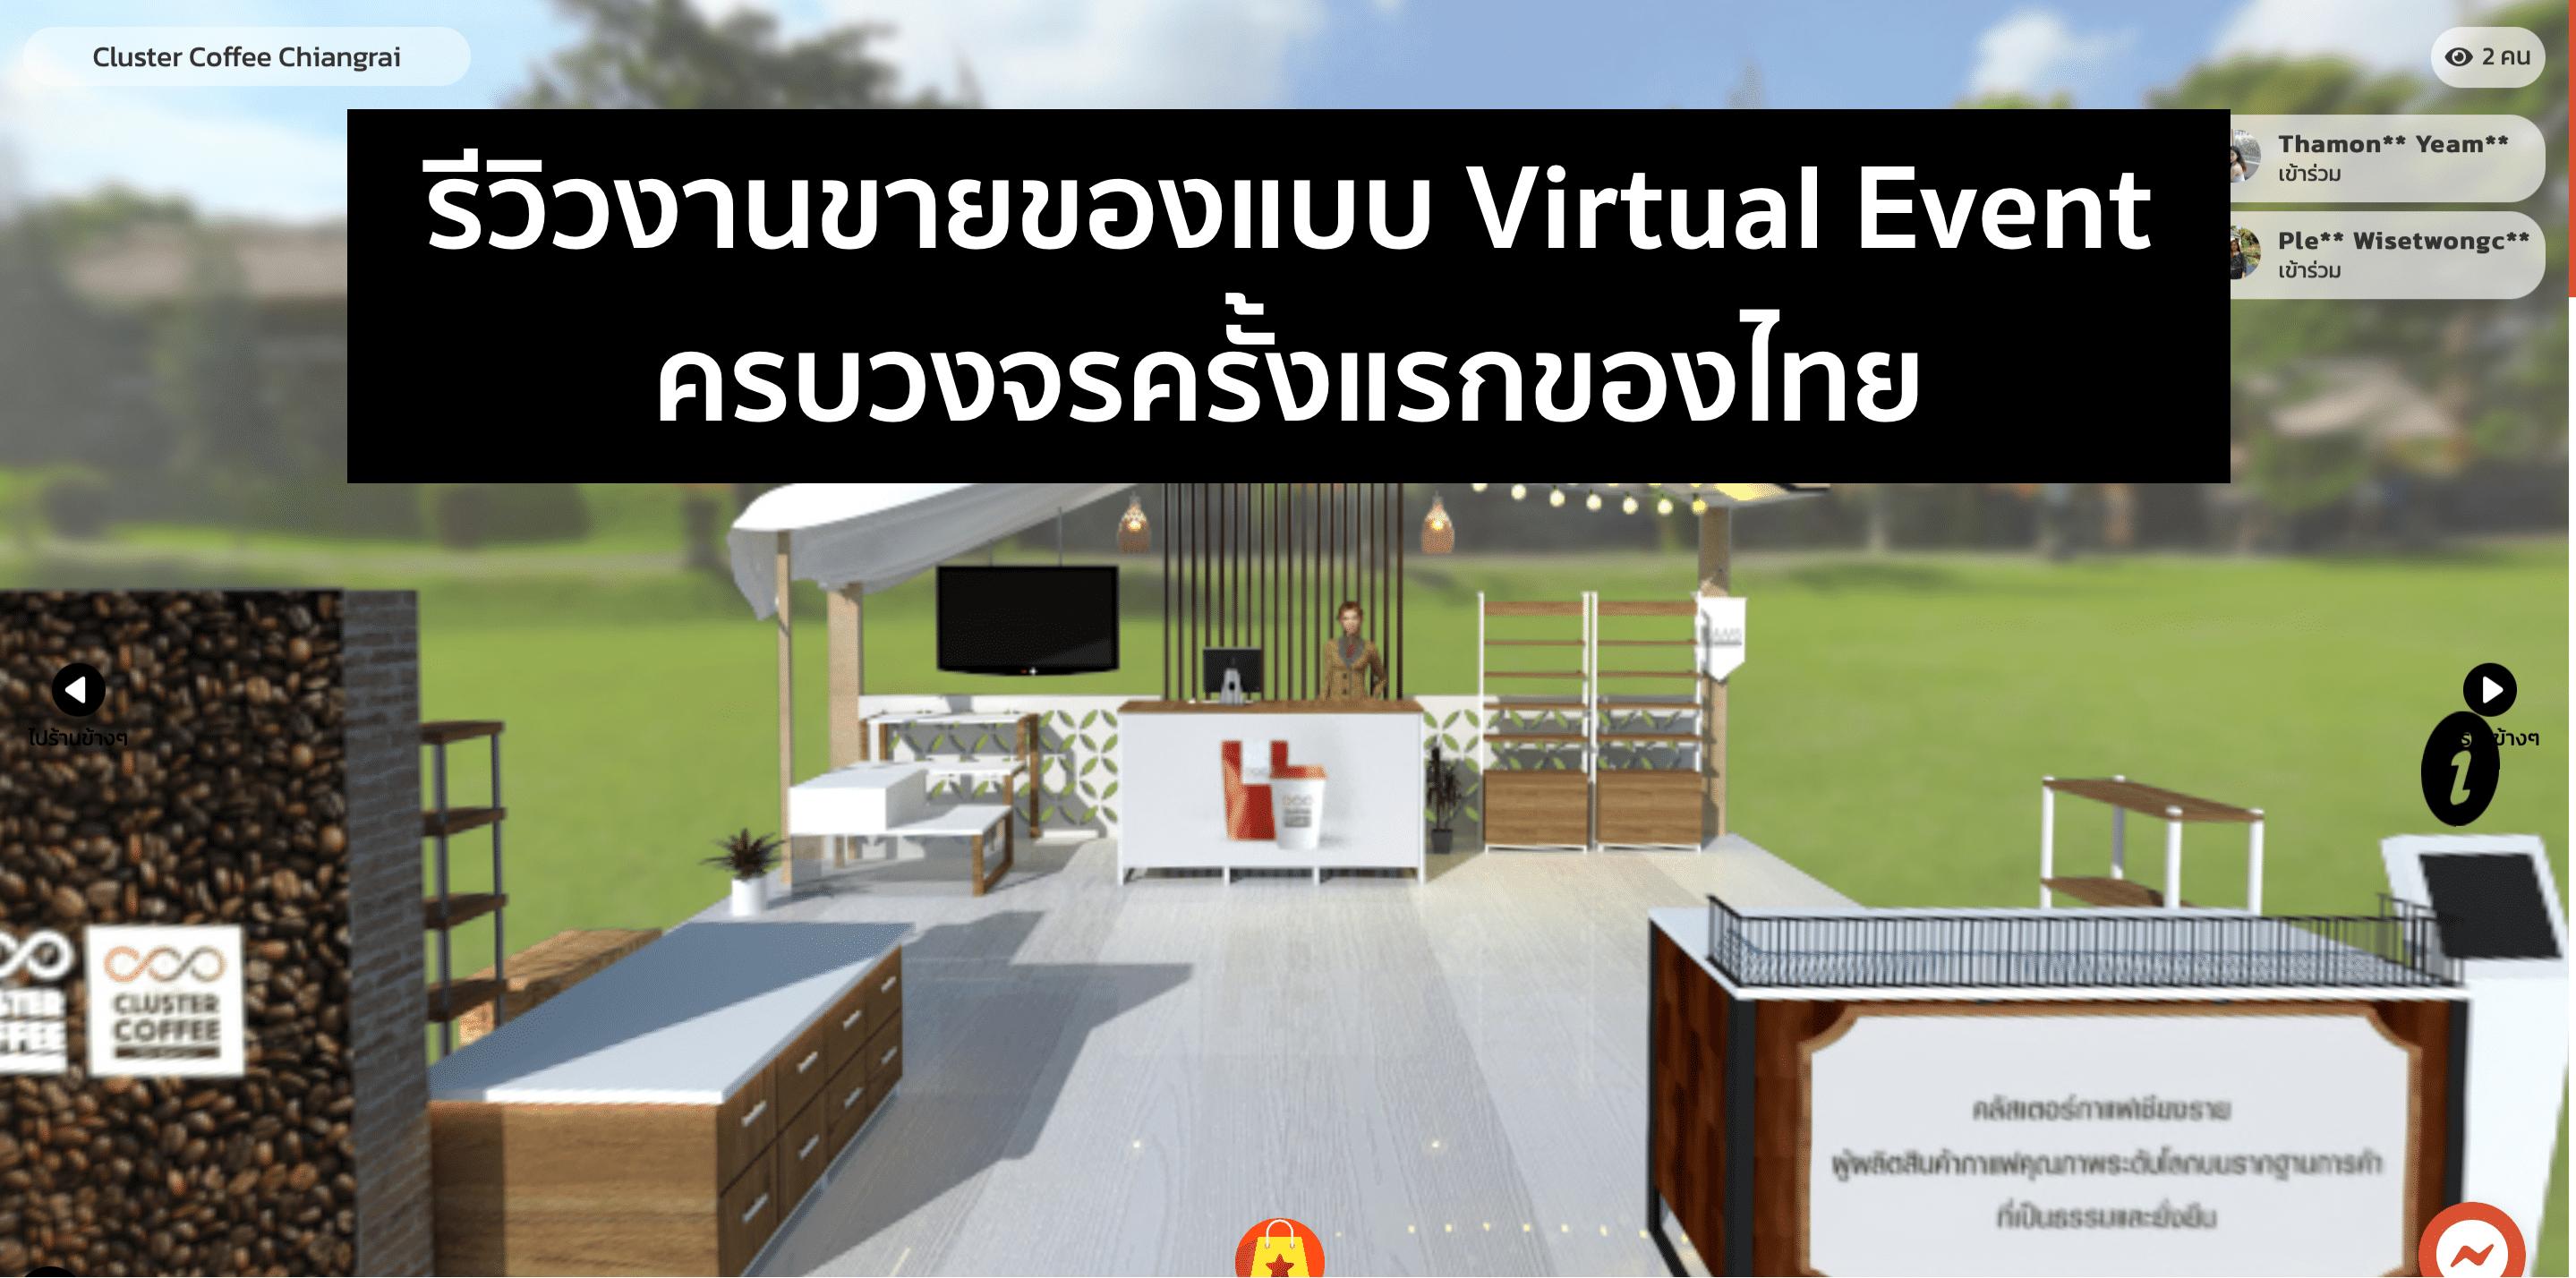 รีวิว Virtual Event ครั้งแรกของไทย! ให้แบรนด์ขายของเหมือนออกงานจริงๆ